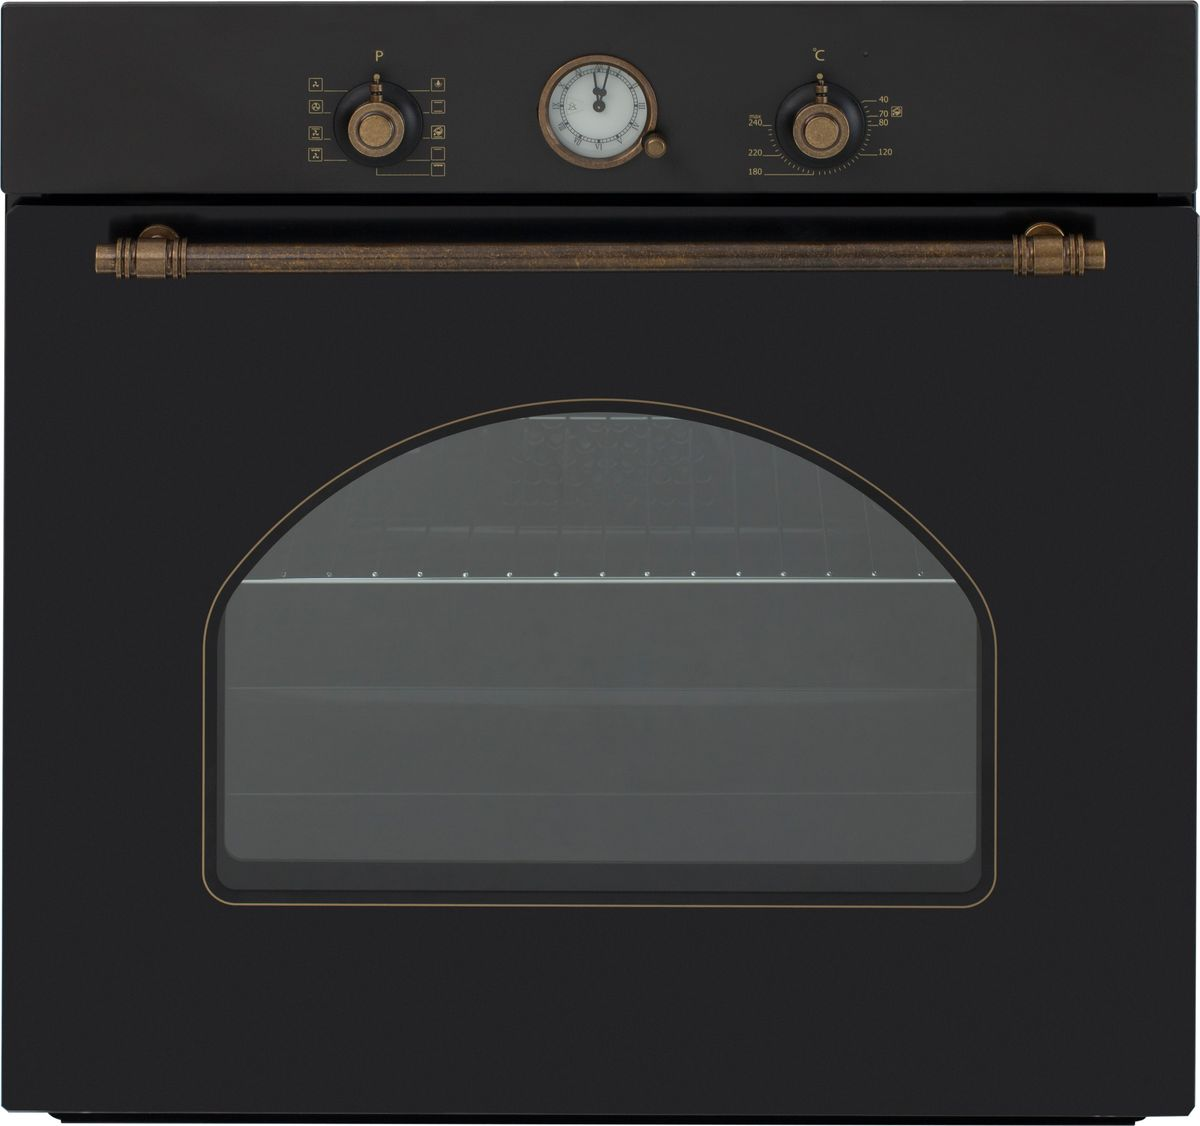 Электрический духовой шкаф встраиваемый Simfer B6EL77017, Black духовой шкаф simfer b6eb16011